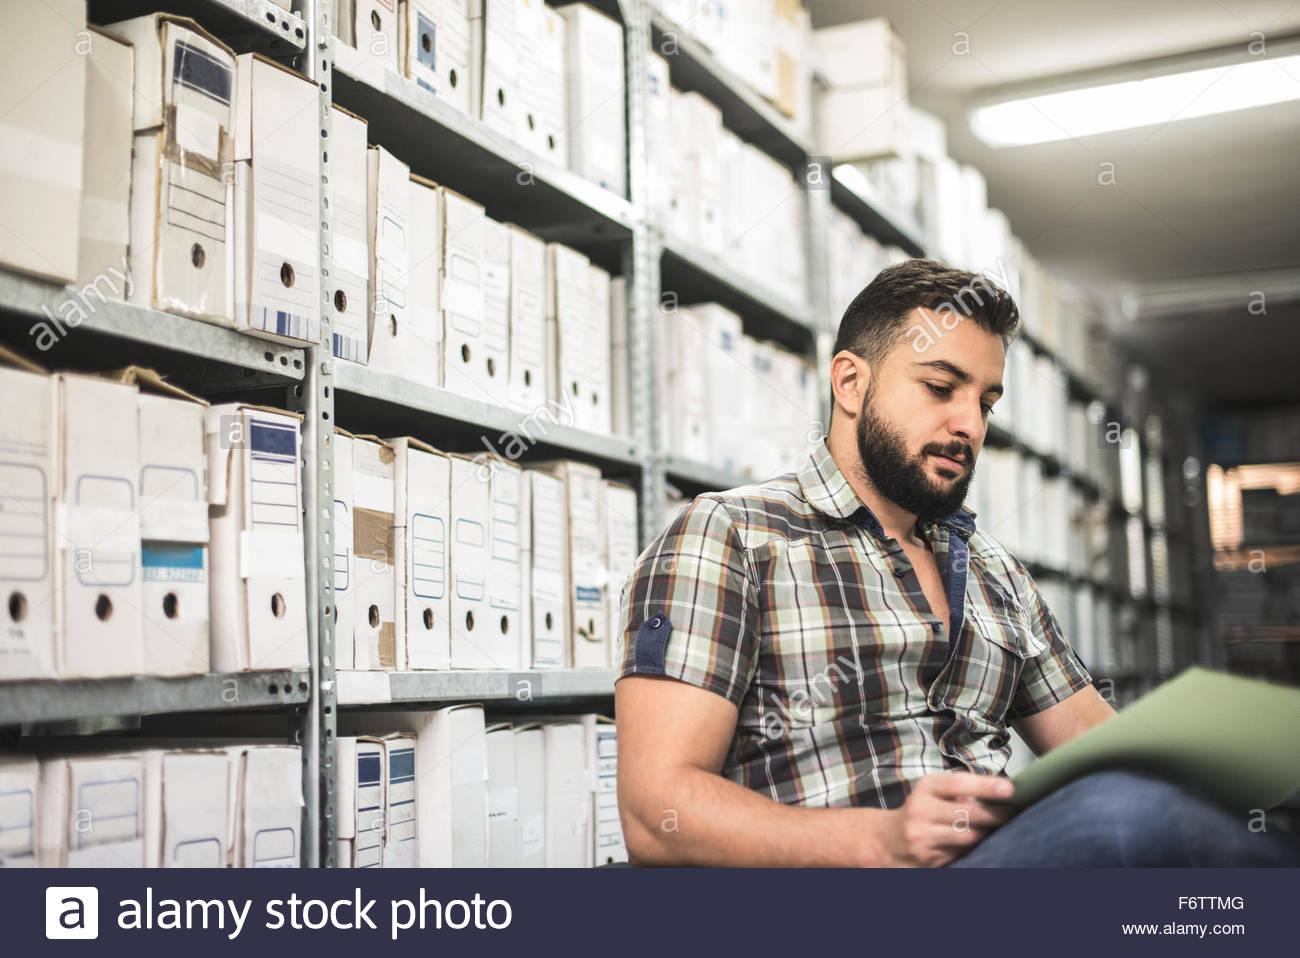 Bärtiger Mann arbeitet auf Datei in einem Archiv Stockbild